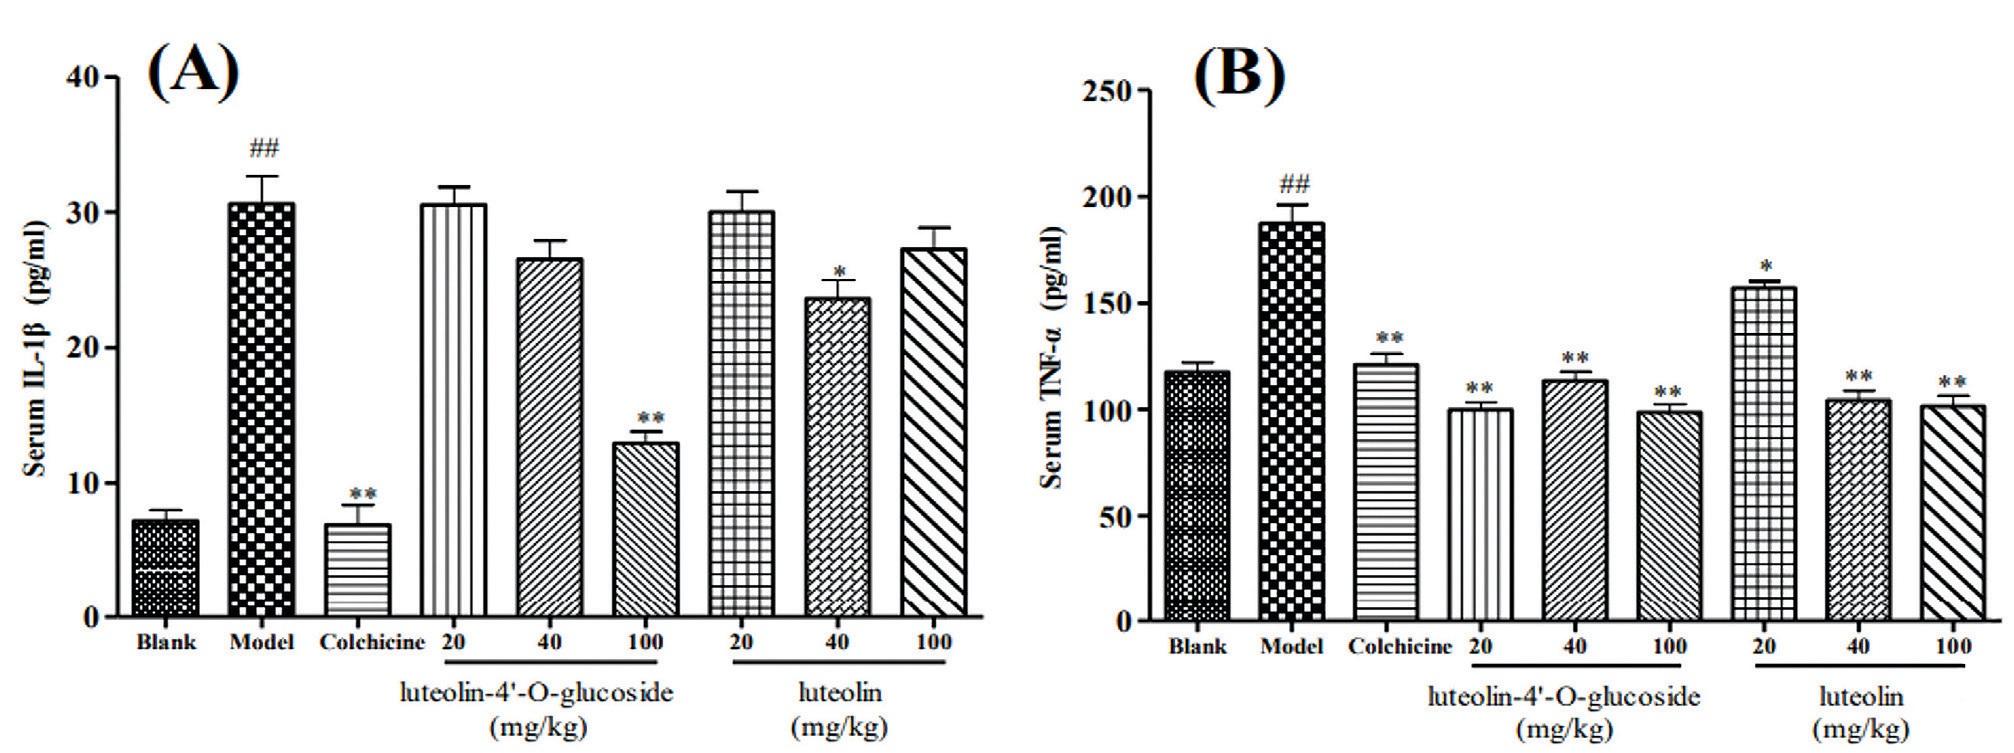 Эффекты Лютеолина и Лютеолин-4'-О-гликозида и колхицина на уровни ИЛ-1β и ФНО-α в сыворотке крови через 24 часа после подкожной инъекции кристаллов моноурата натрия. ## p<0.01 по сравнению с контролем